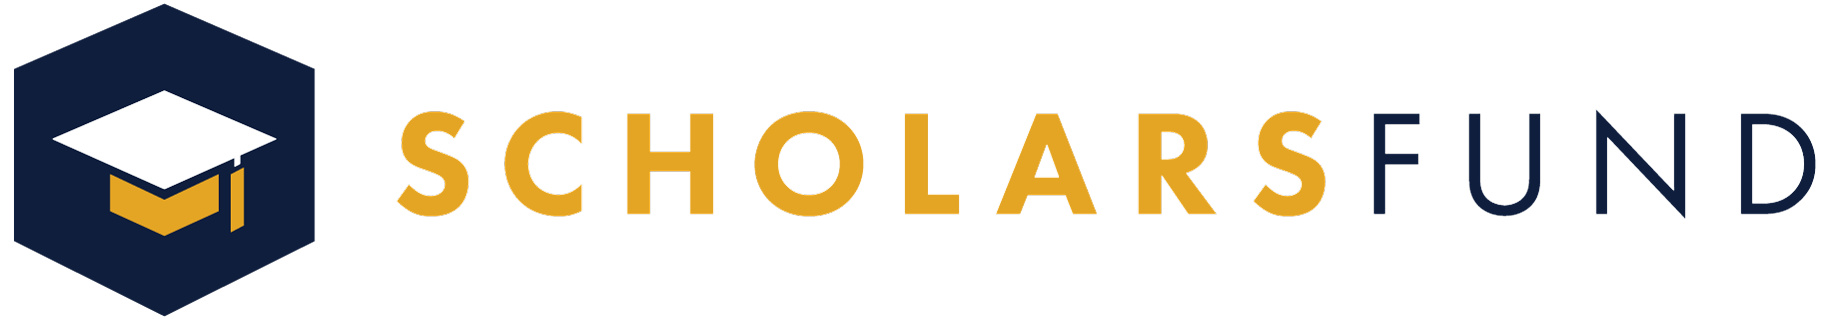 Scholars-Fund_FINAL logo